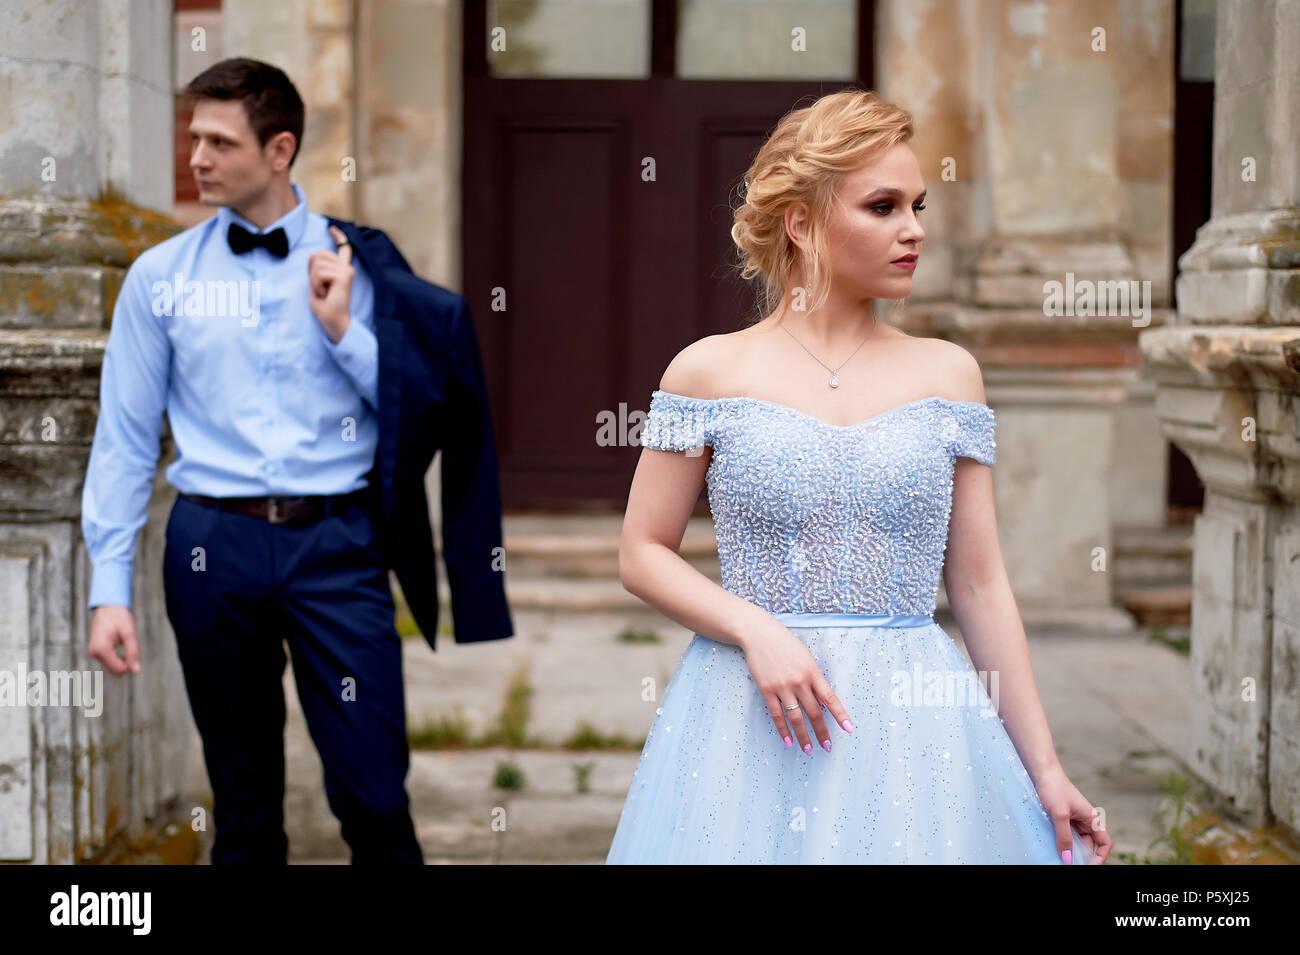 Braut und Bräutigam auf dem Hintergrund eines alten Immobilien. Klassische Hochzeit. Hochzeit gehen und Fotoshooting Stockfoto